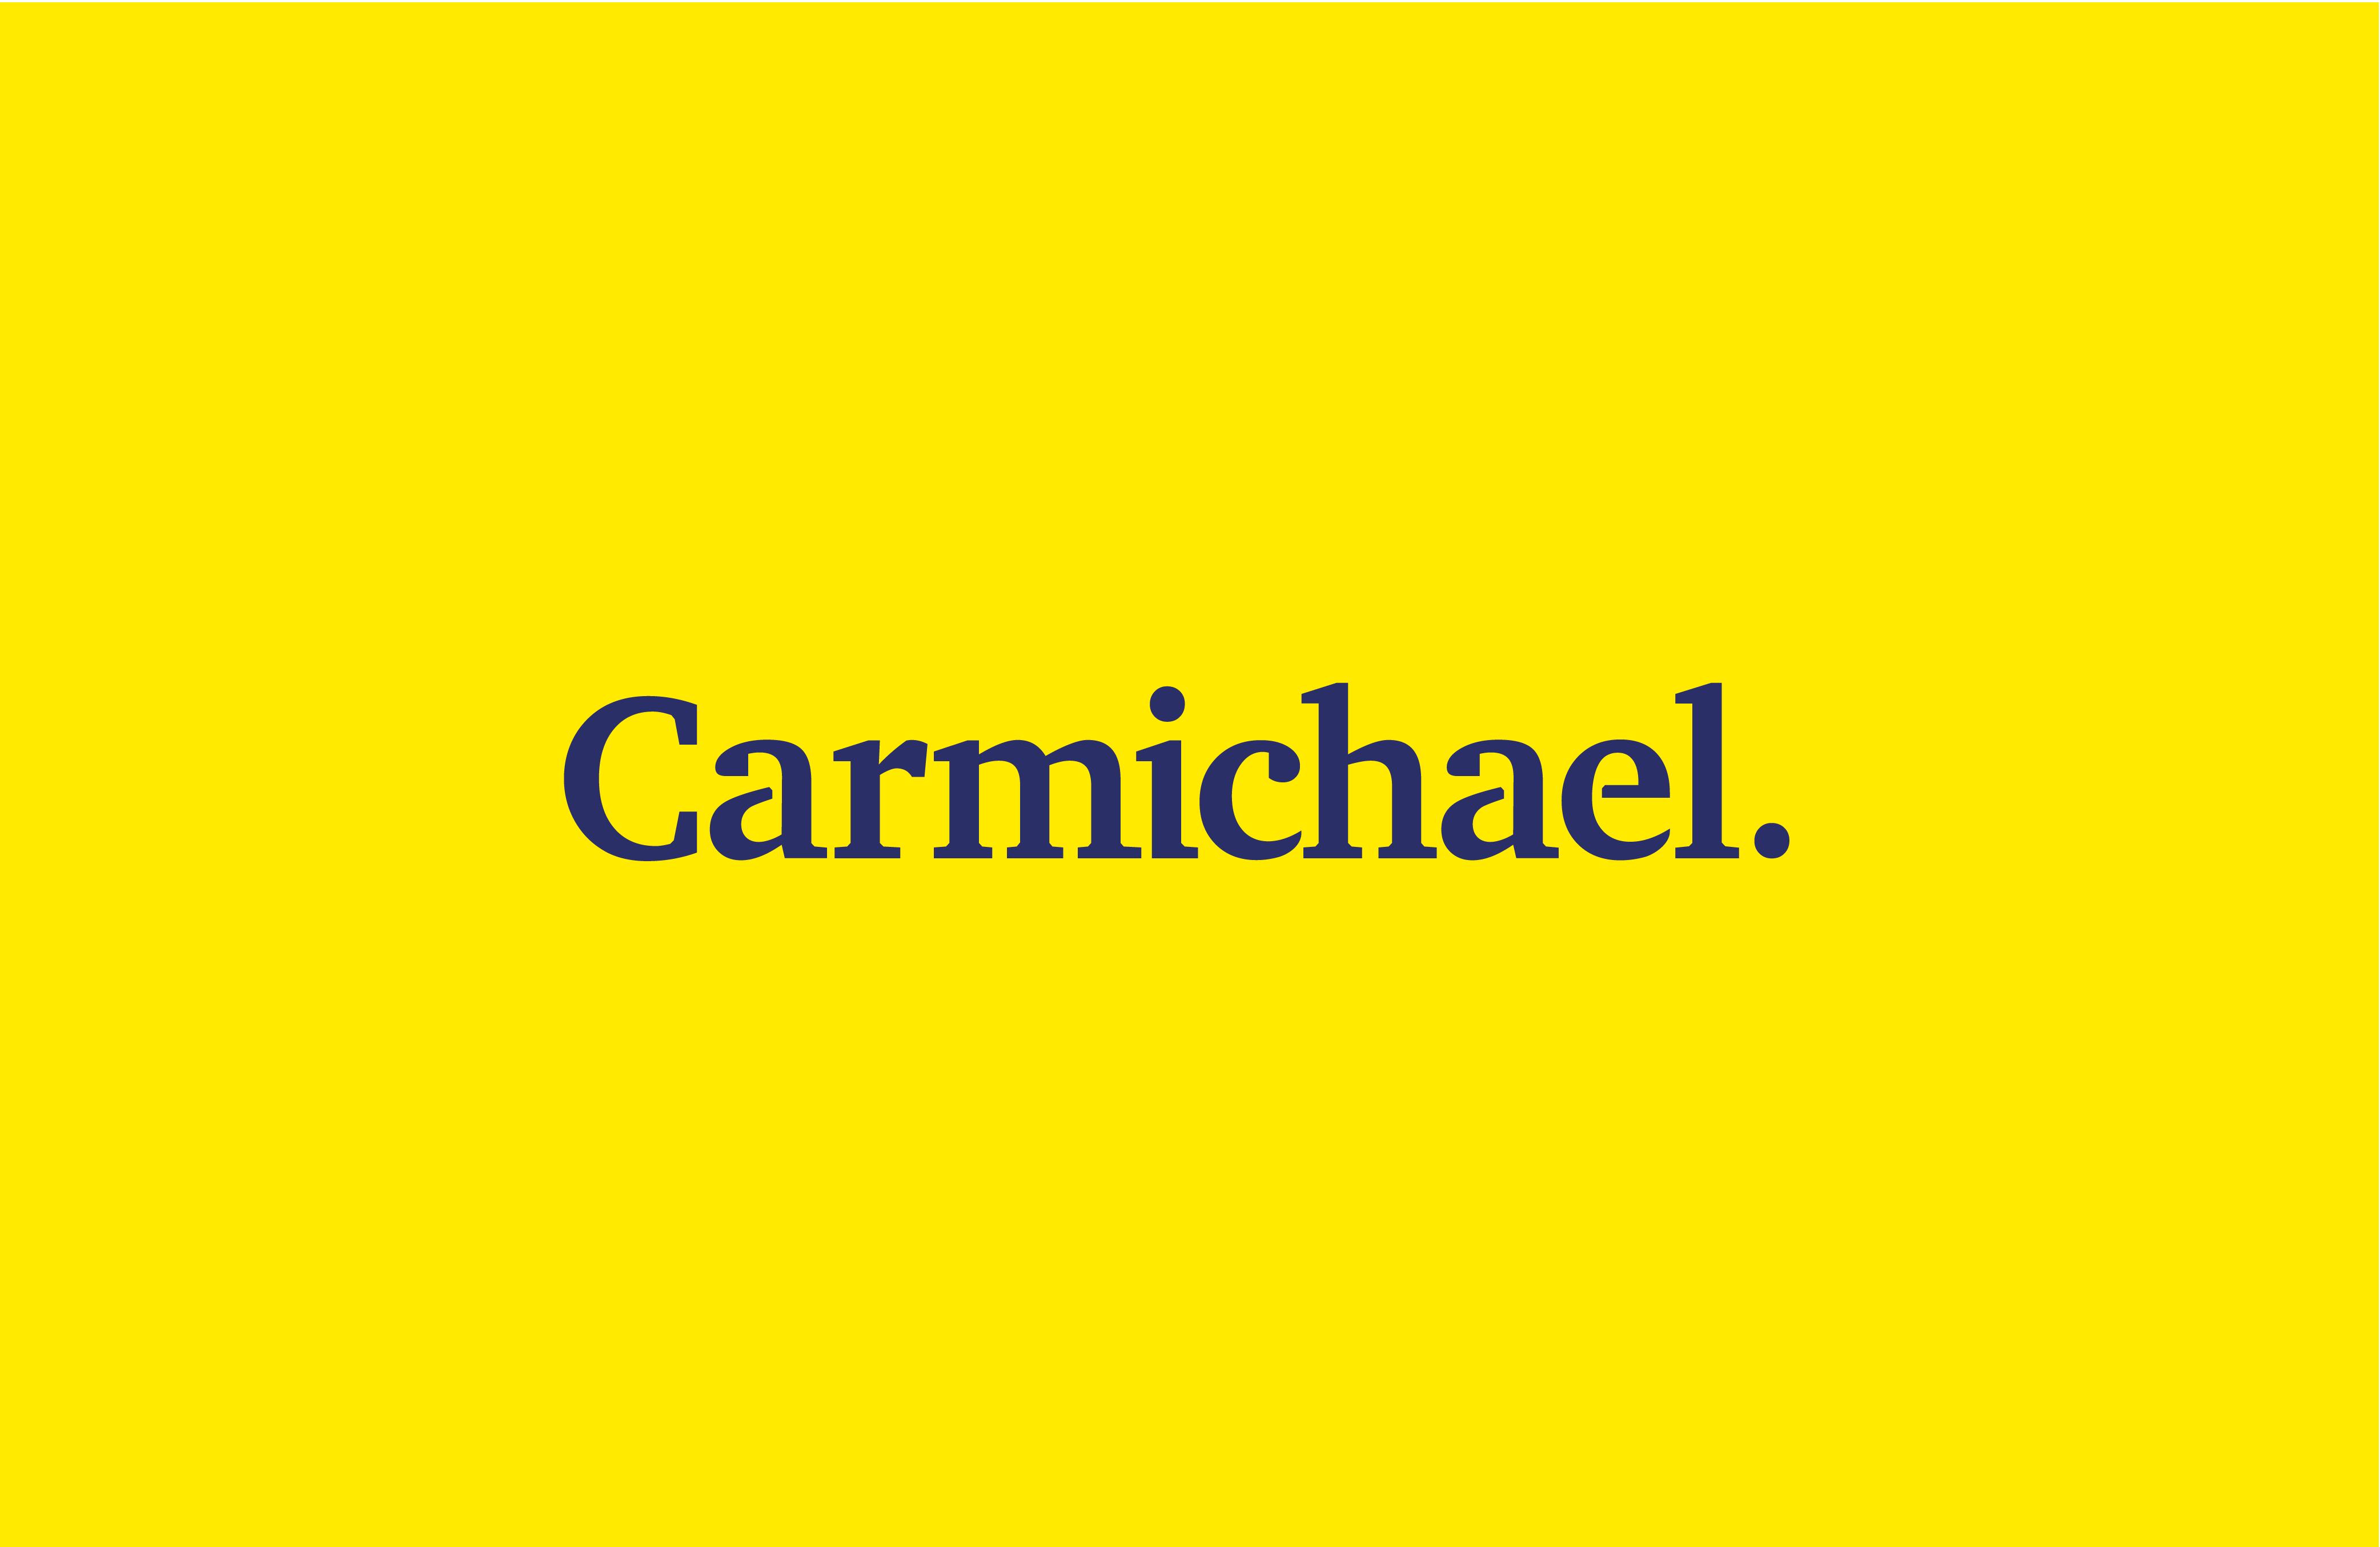 Cover image: Carmichael